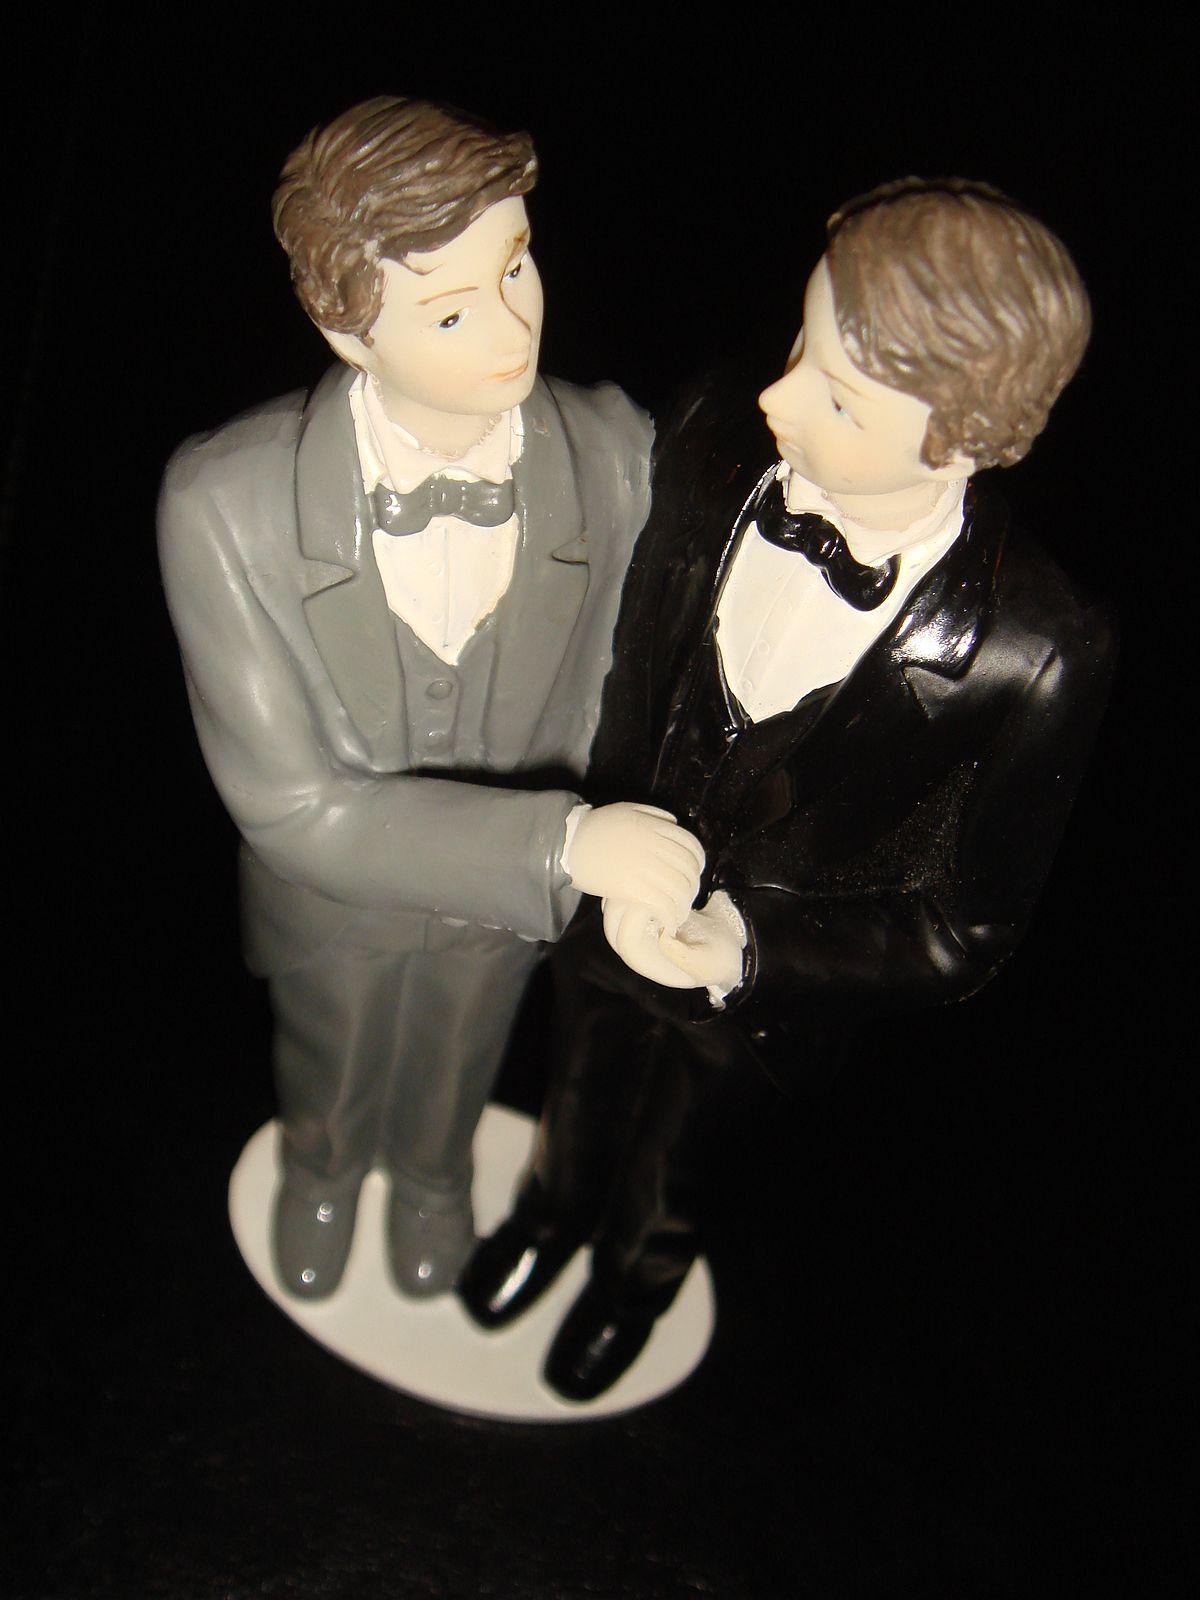 Anniversario Matrimonio Wiki.File Gay Wedding A By Stefano Bolognini Jpg Wikimedia Commons